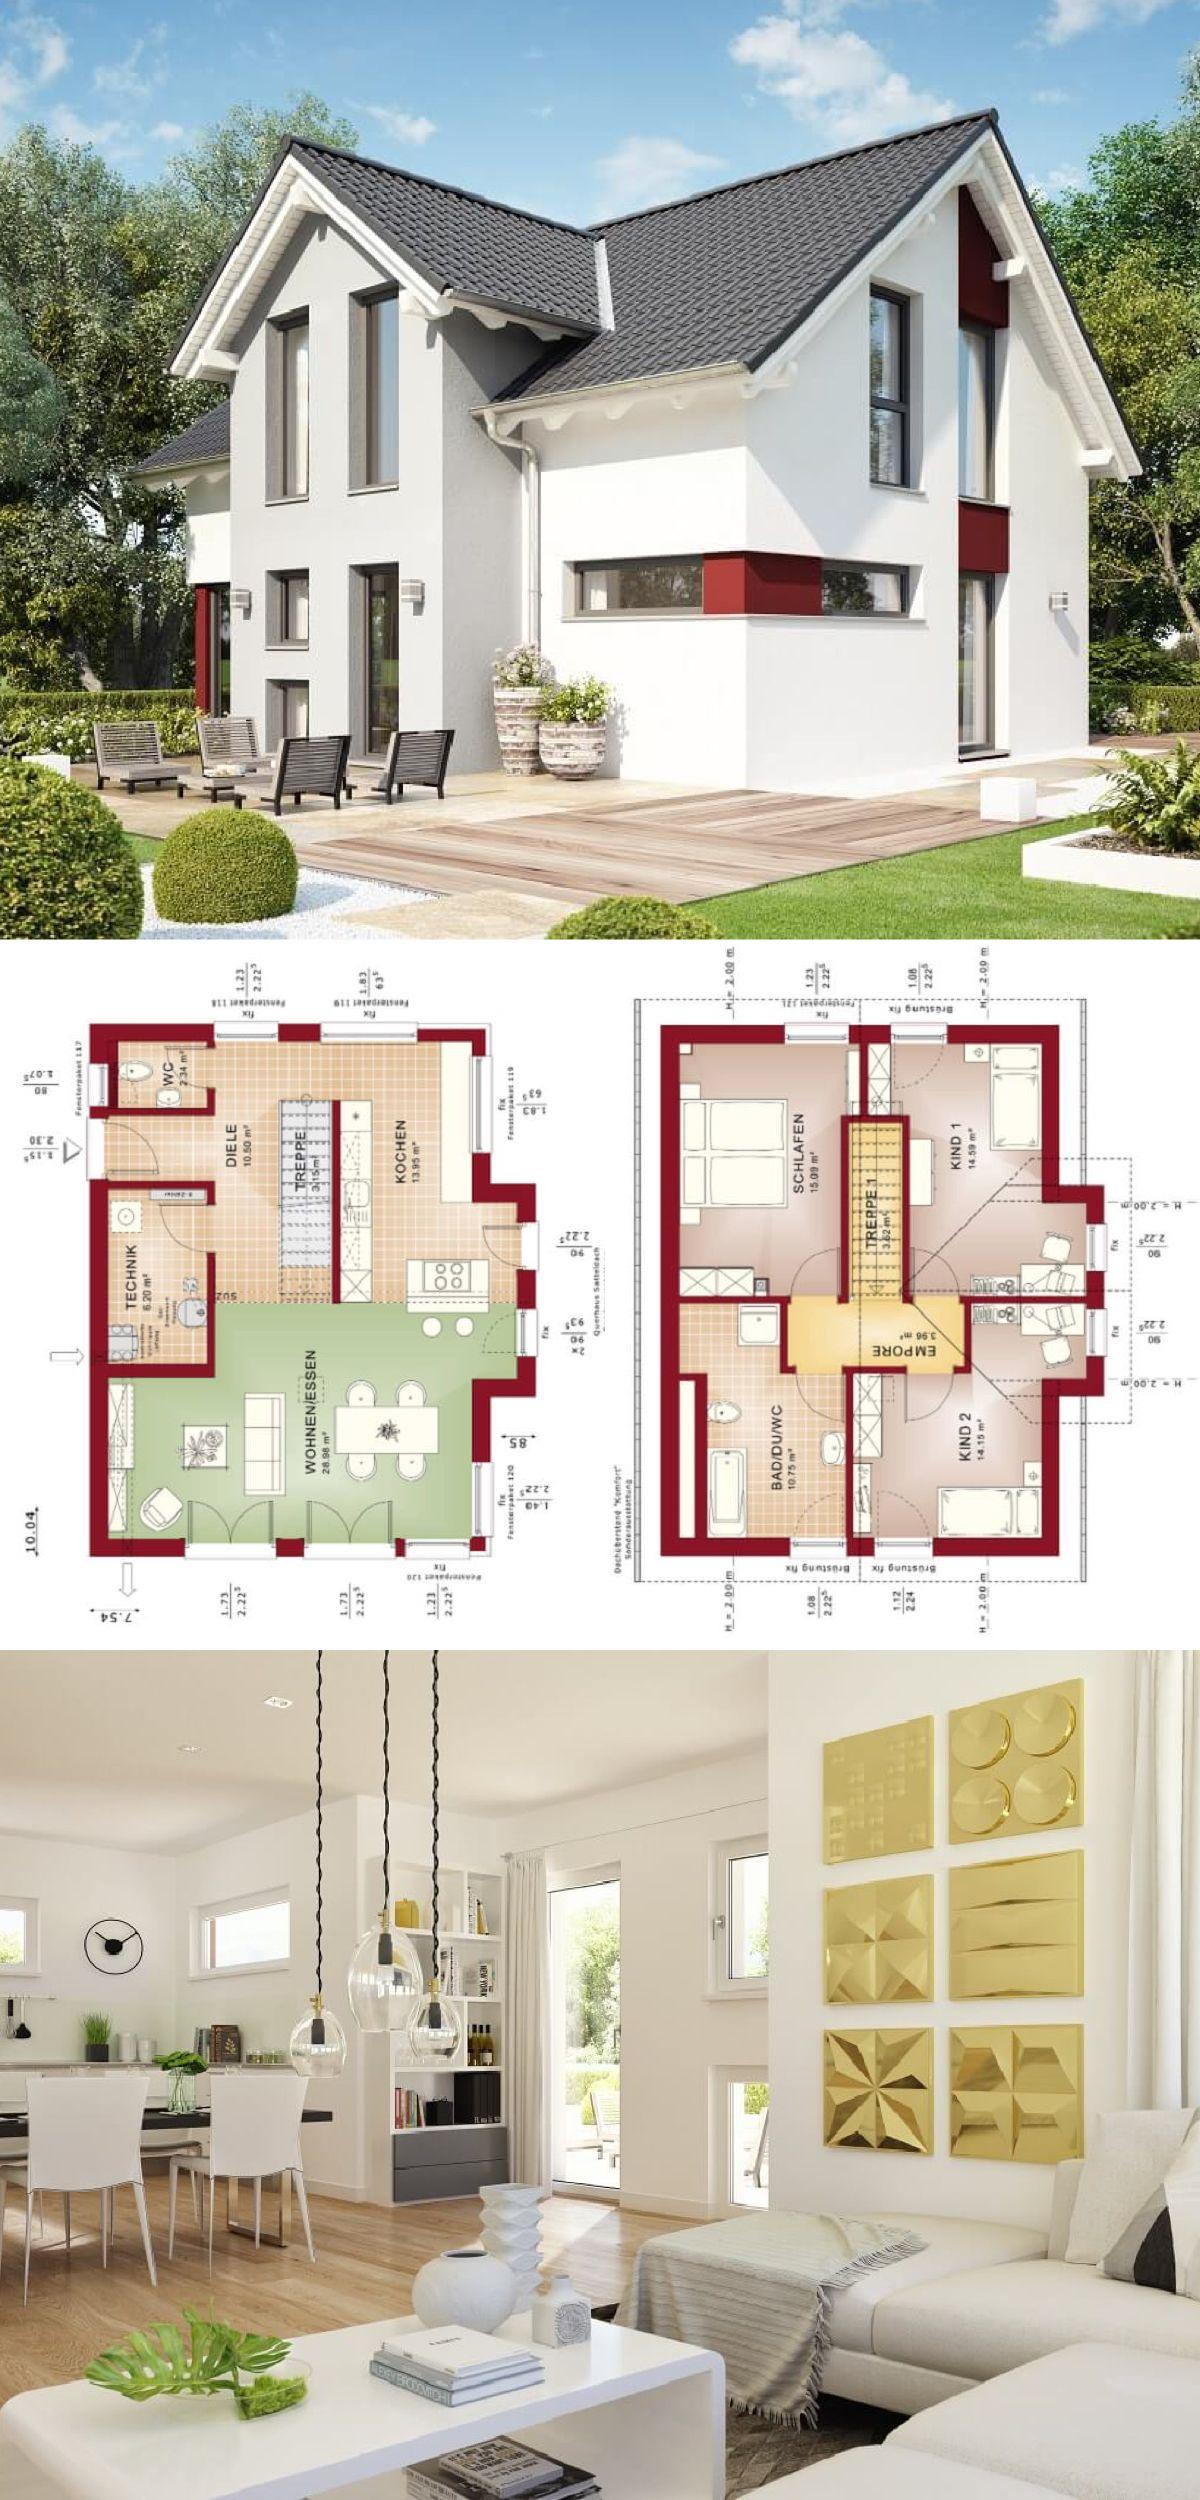 Einfamilienhaus Mit Satteldach   Grundriss Modern Offen Mit Einläufiger  Treppe   Haus Edition 4 V5 Bien